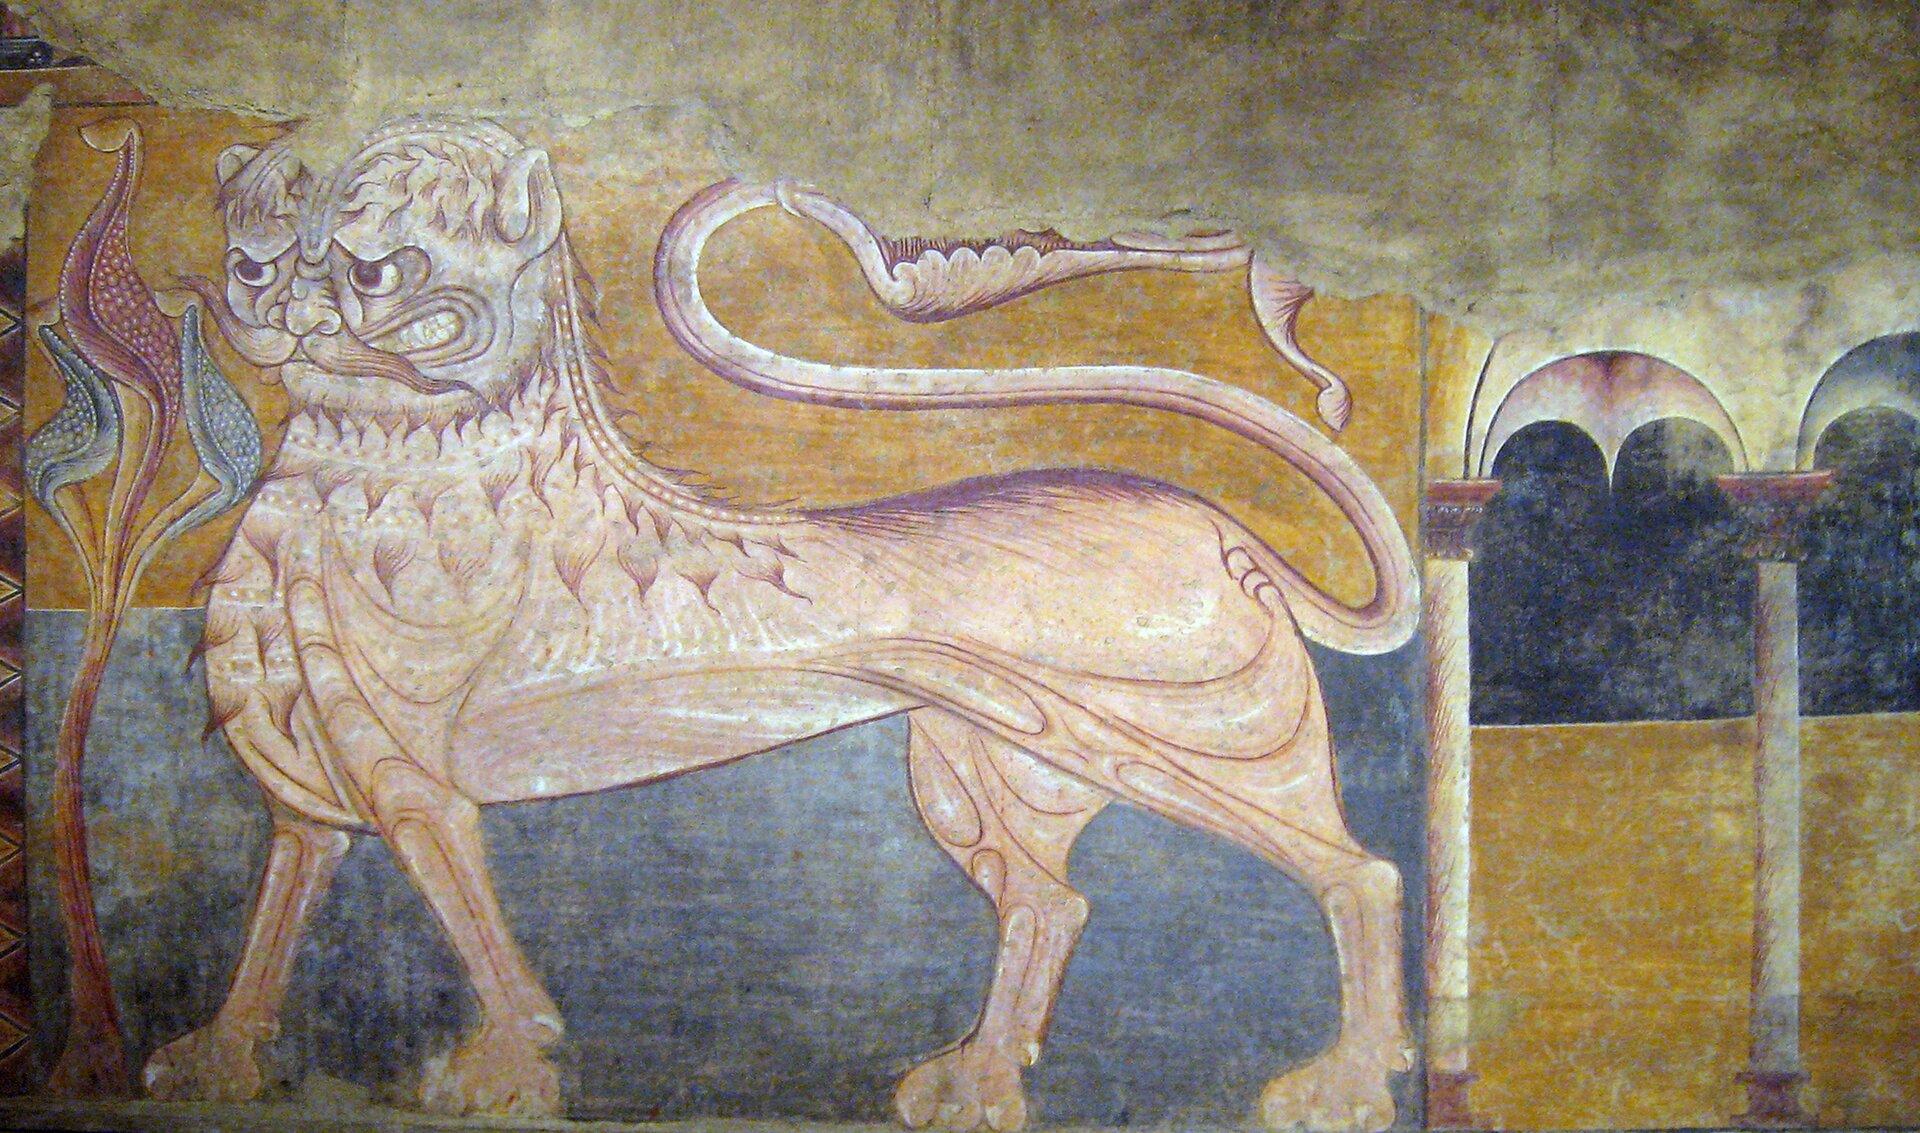 """Ilustracja interaktywna przedstawia fresk """"Lew"""", znajdujące się wklasztorze wCastile-León wHiszpanii. Malowidło ukazuje jasno-beżową postać zwierzęcia kroczącego na czterech łapach zdługim, podwiniętym go góry ogonem. Zmarszczone brwi, wyszczerzone zęby inastroszone, szpiczaste uszy wyrażają złość. Pod niemal ludzkim zwyglądu nosem artysta namalował wąsy. Ciało tytułowego """"lwa"""" pokryte jest kępkami włosów. Twurcy udało się oddać rysunek mięśni zwierzęcia. Postać ukazana jest na żółto-błękitnym tle. Po jego lewej stronie znajduje się roślina oczerwono-niebieskich liściach, natomiast po prawej fragment architektury: dwie kolumny złukowym sklepieniem. Górna część fresku jest zniszczona. Dominującymi kolorami malowidła jest żółć iniebieski."""